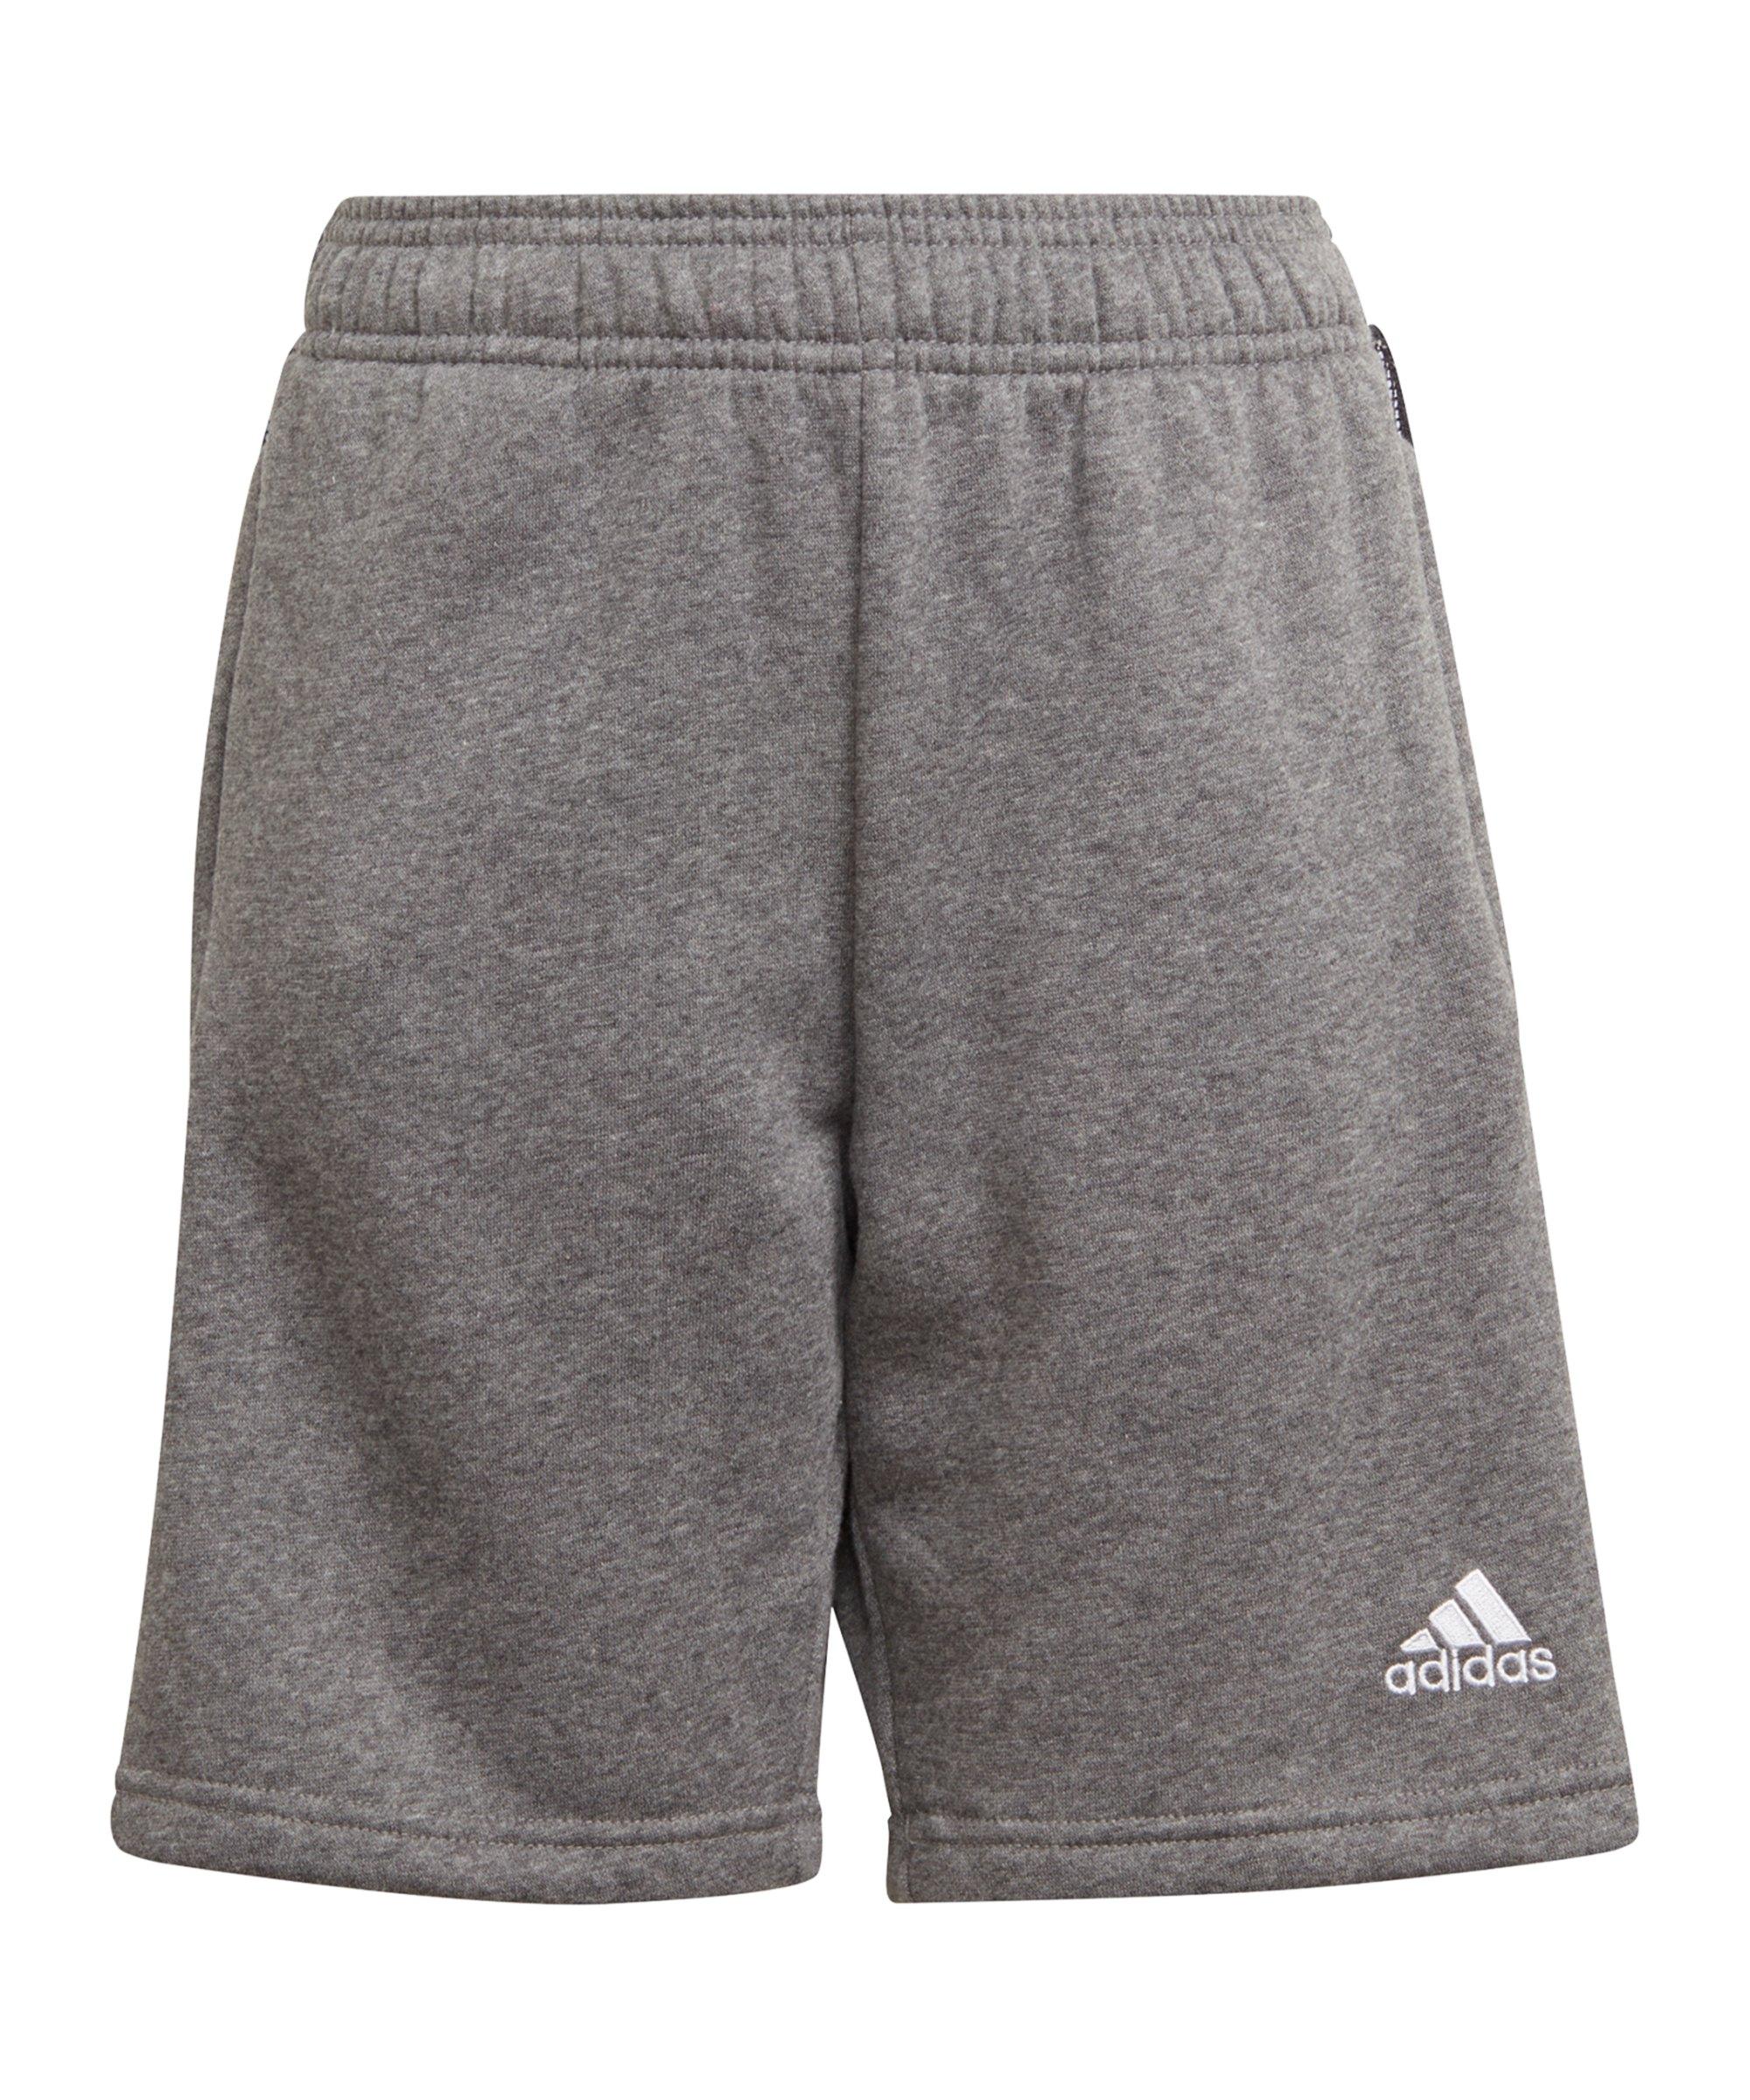 adidas Tiro 21 Sweat Short Kids Grau - grau